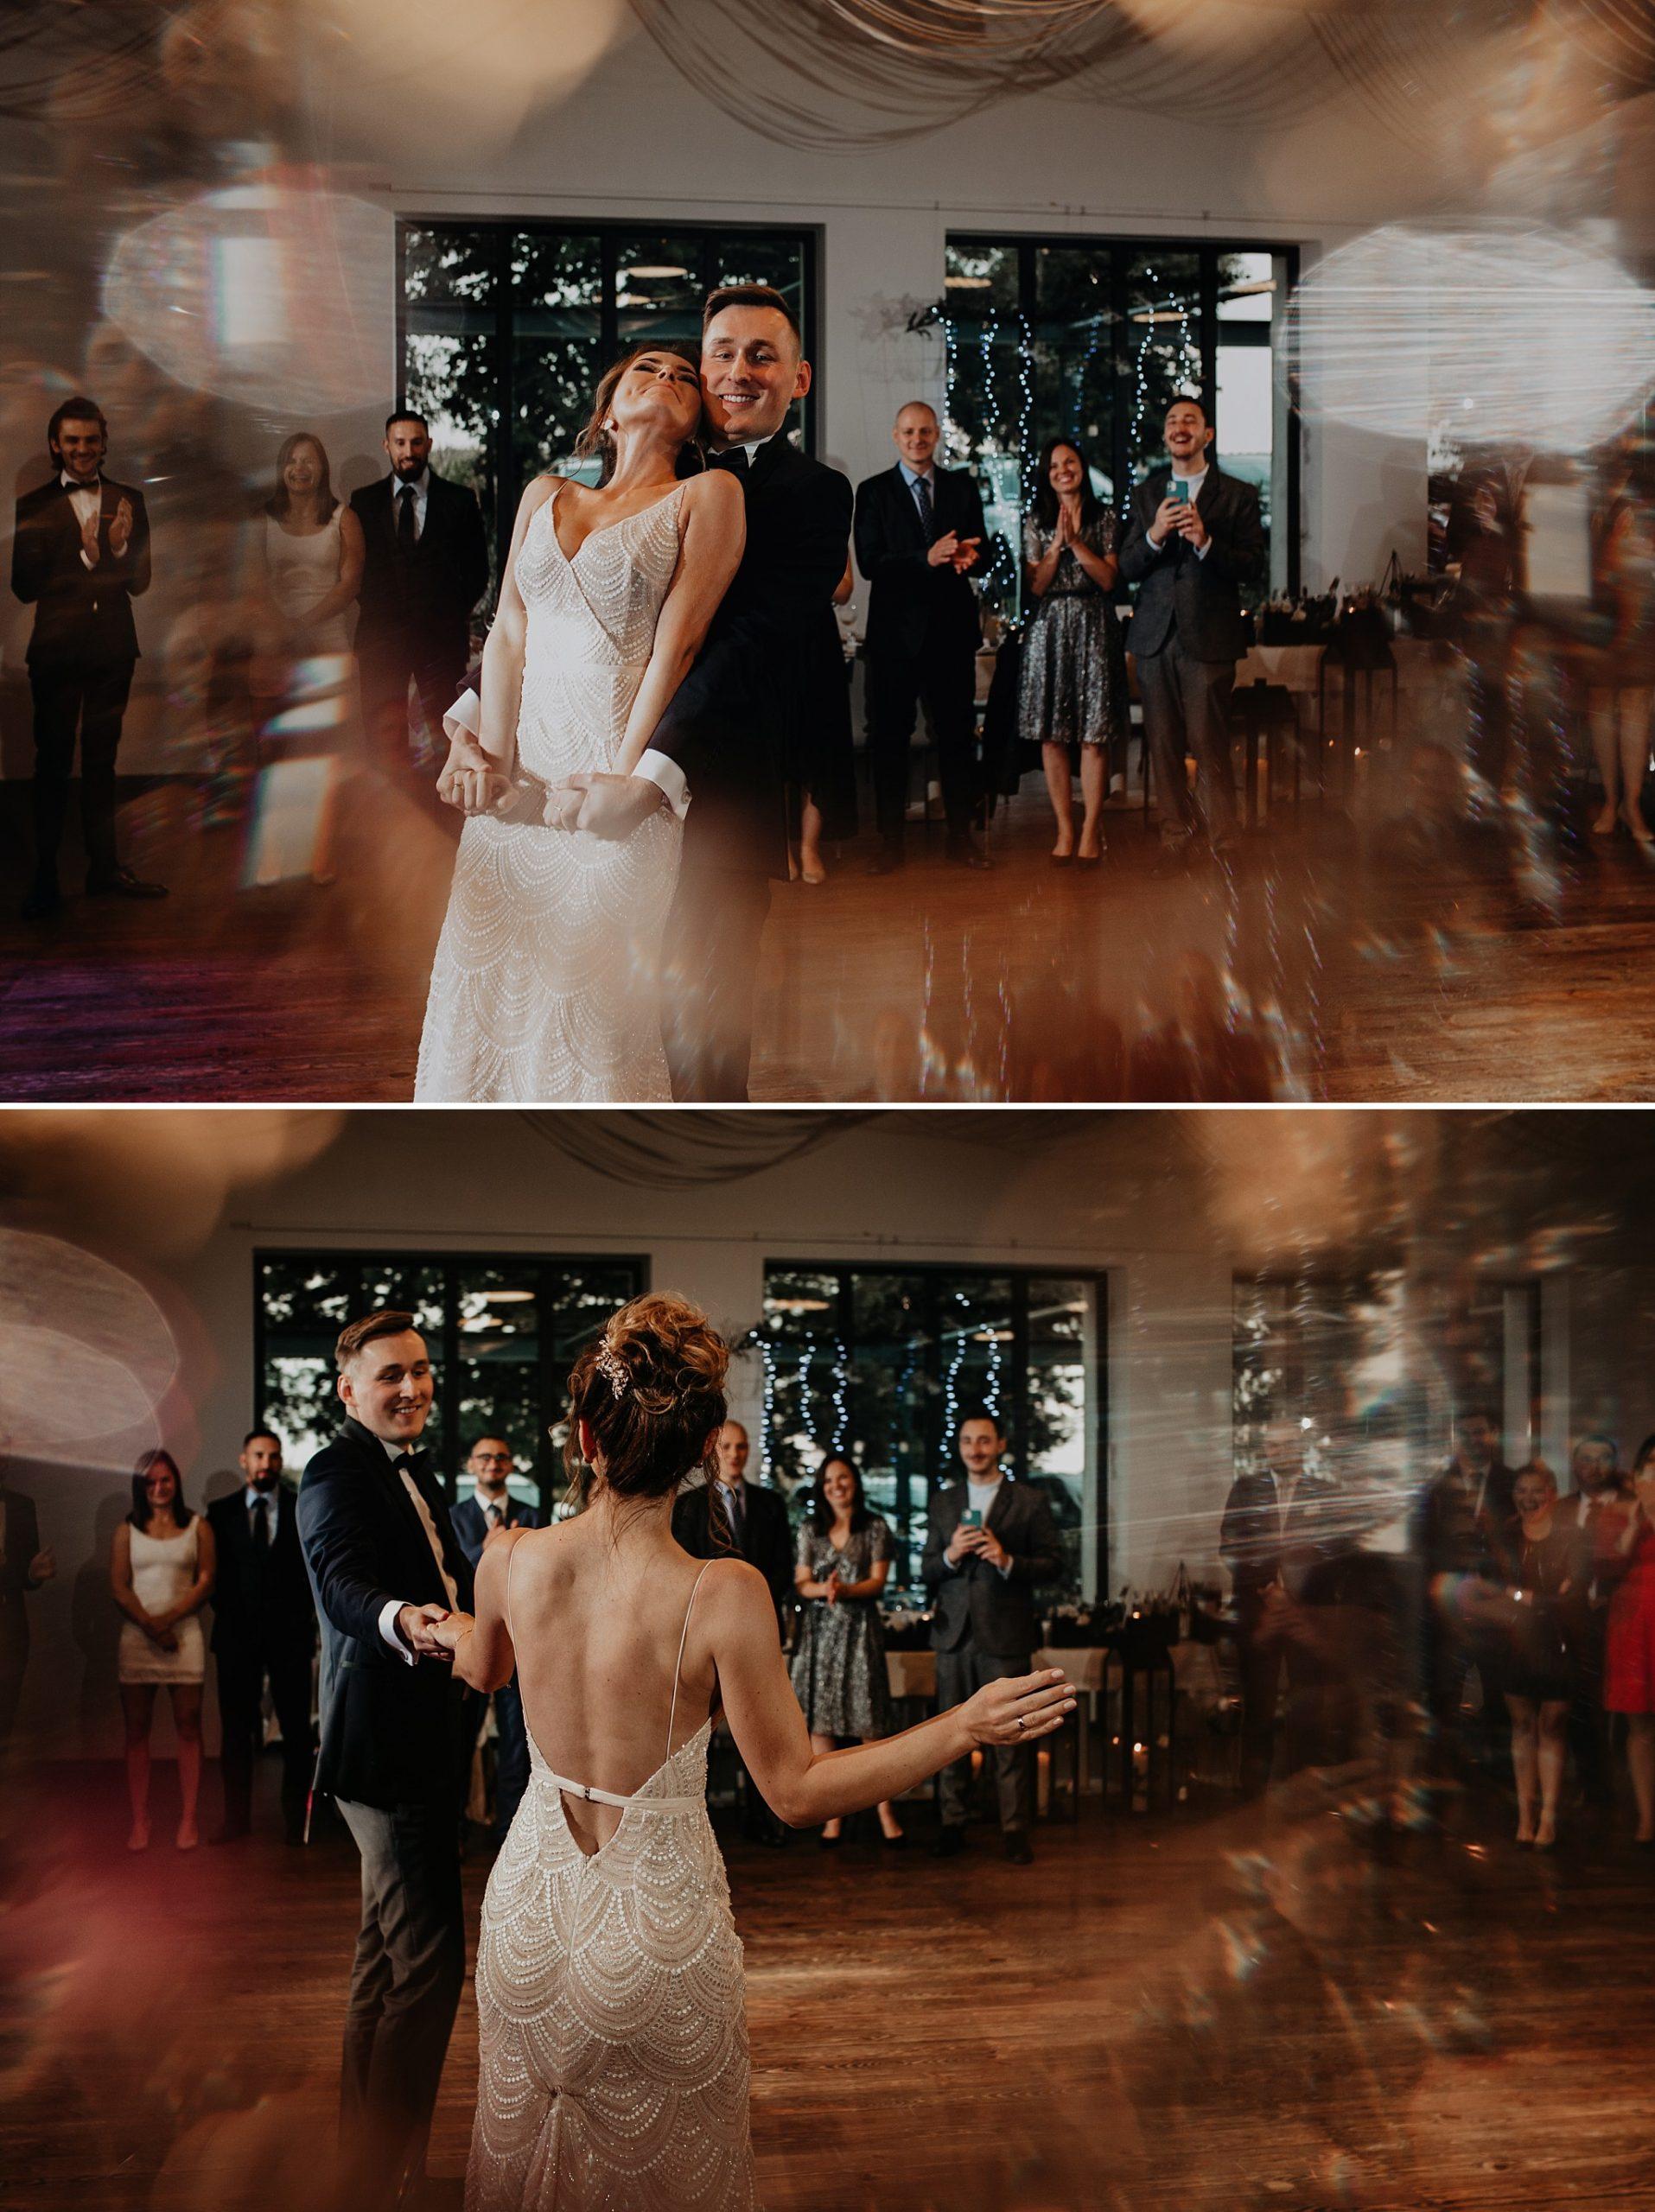 fotograf poznan wesele dobra truskawka piekne wesele pod poznaniem wesele w dobrej truskawce piekna para mloda slub marzen slub koronawirus slub listopad wesele koronawirus 312 scaled